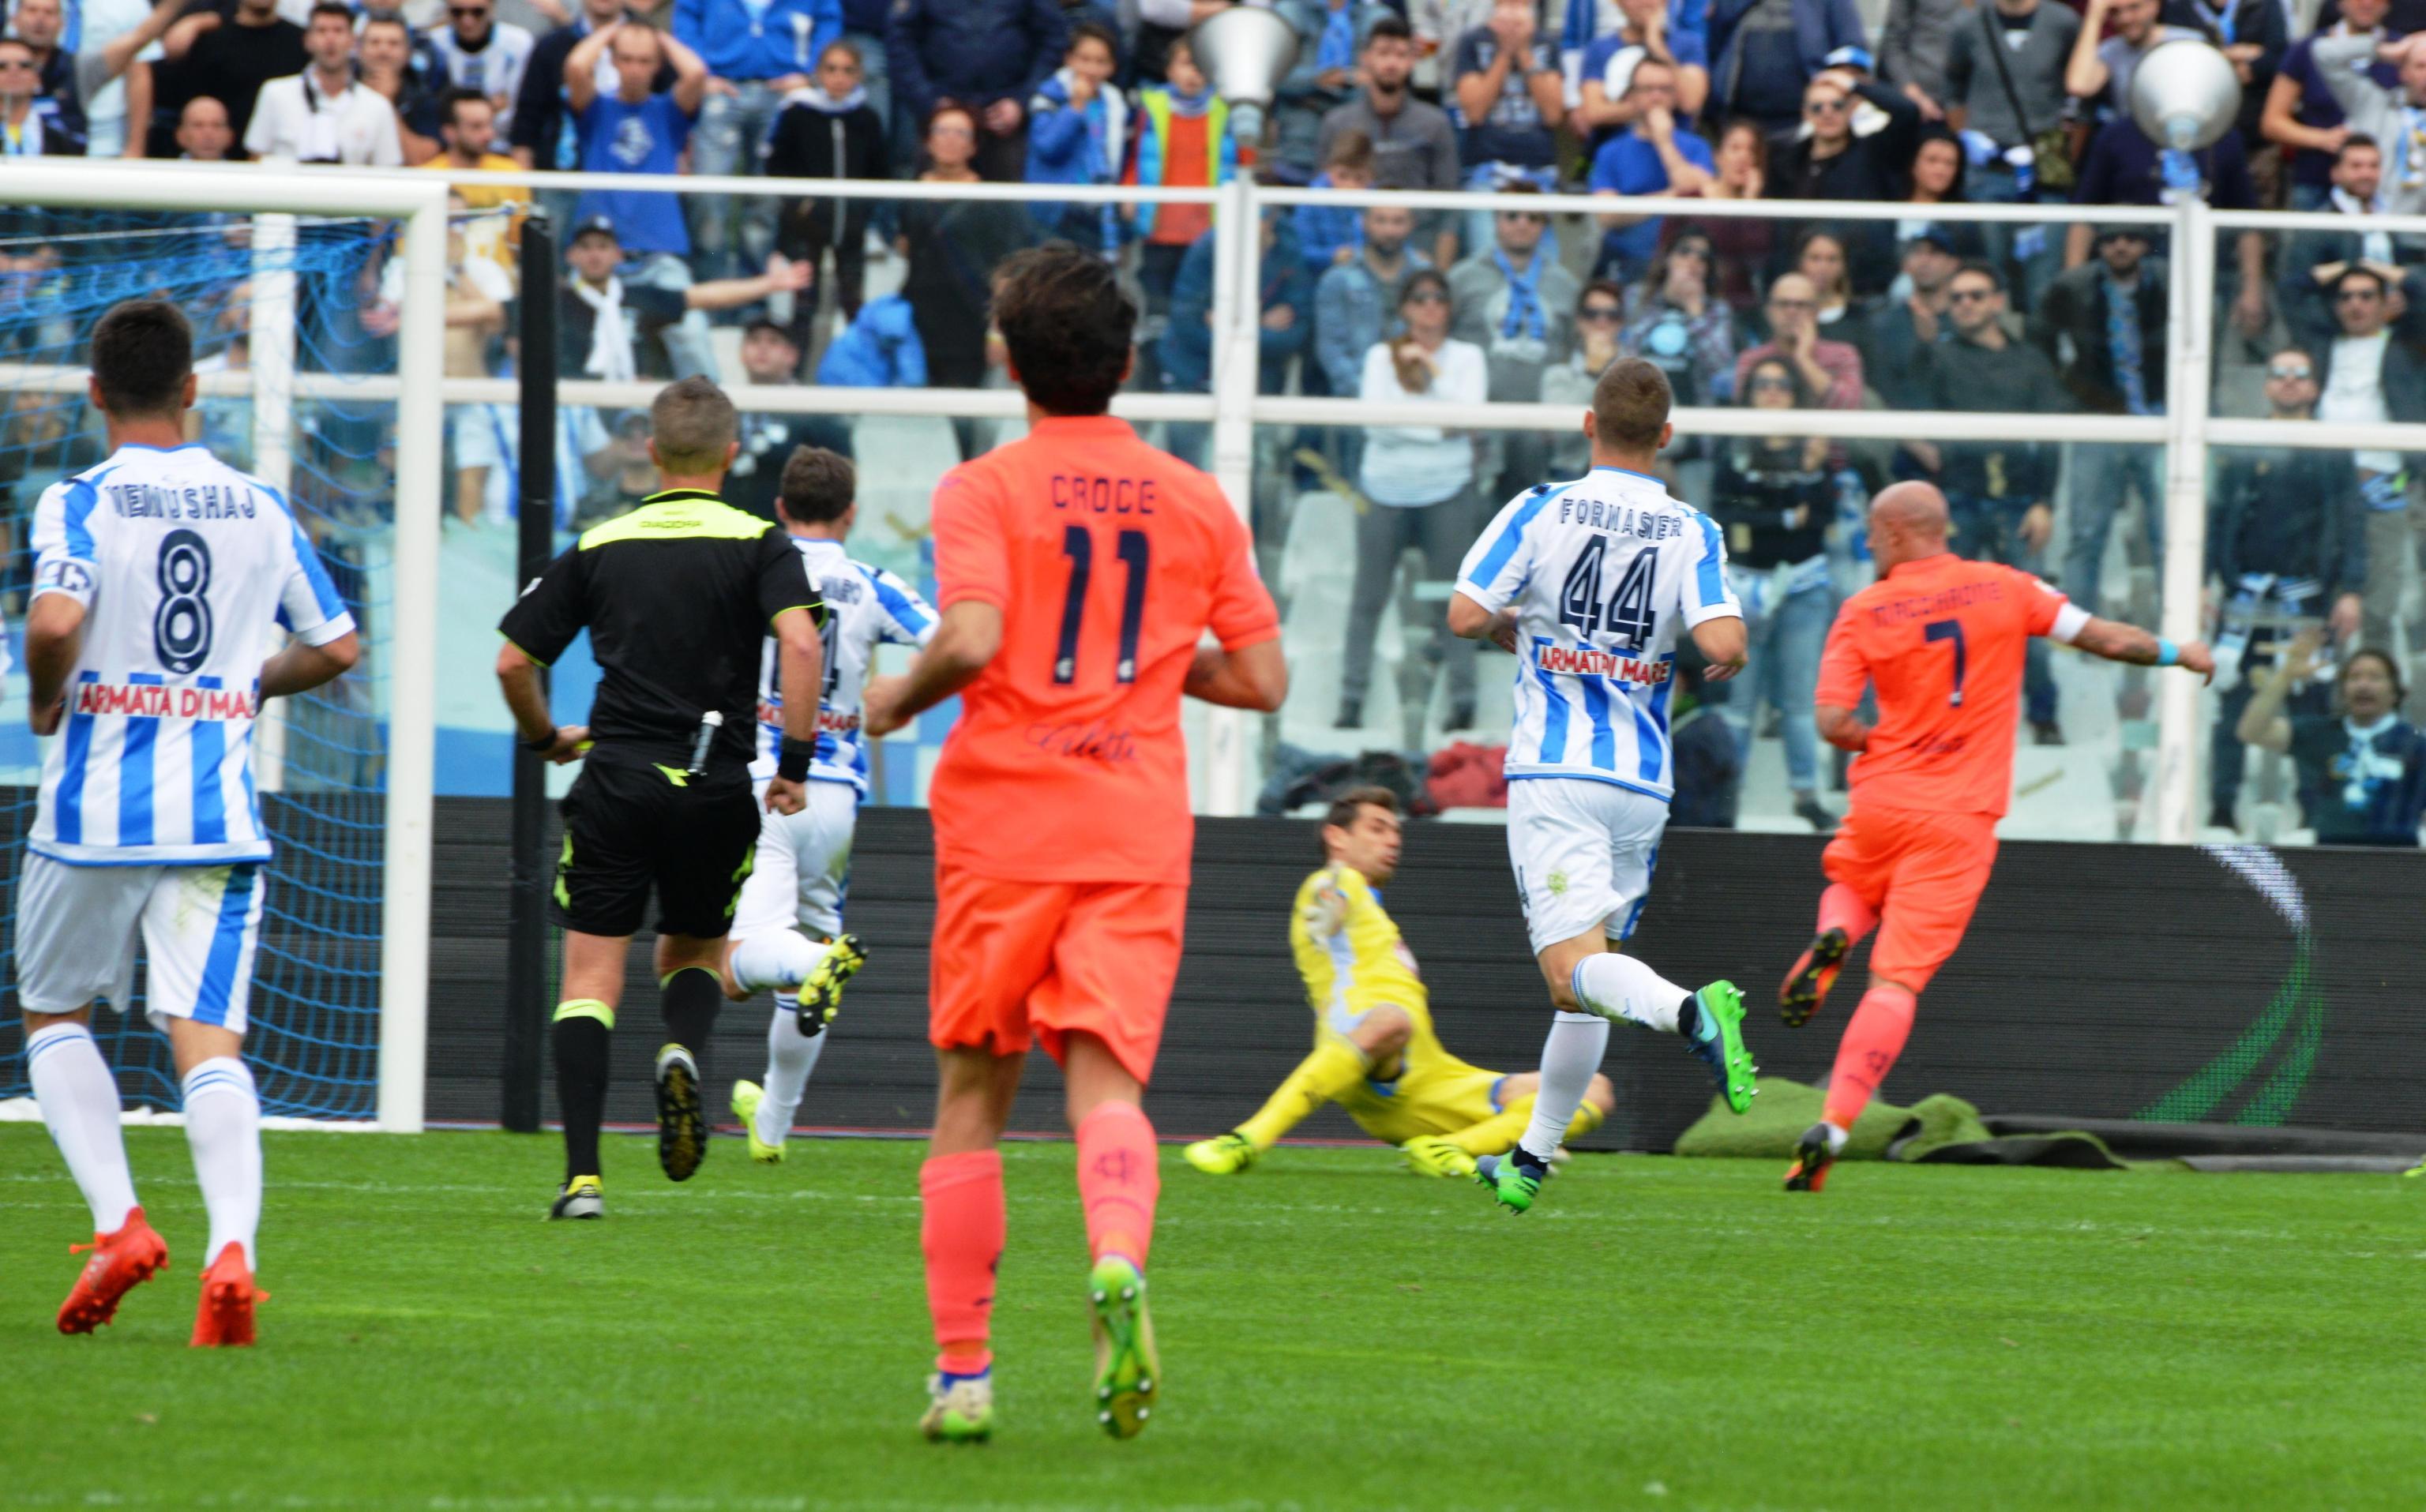 L'Empoli ha segnato quasi un quarto dei suoi goal in una partita (contro il Pescara, vincendo 4-0 all'Adriatico)